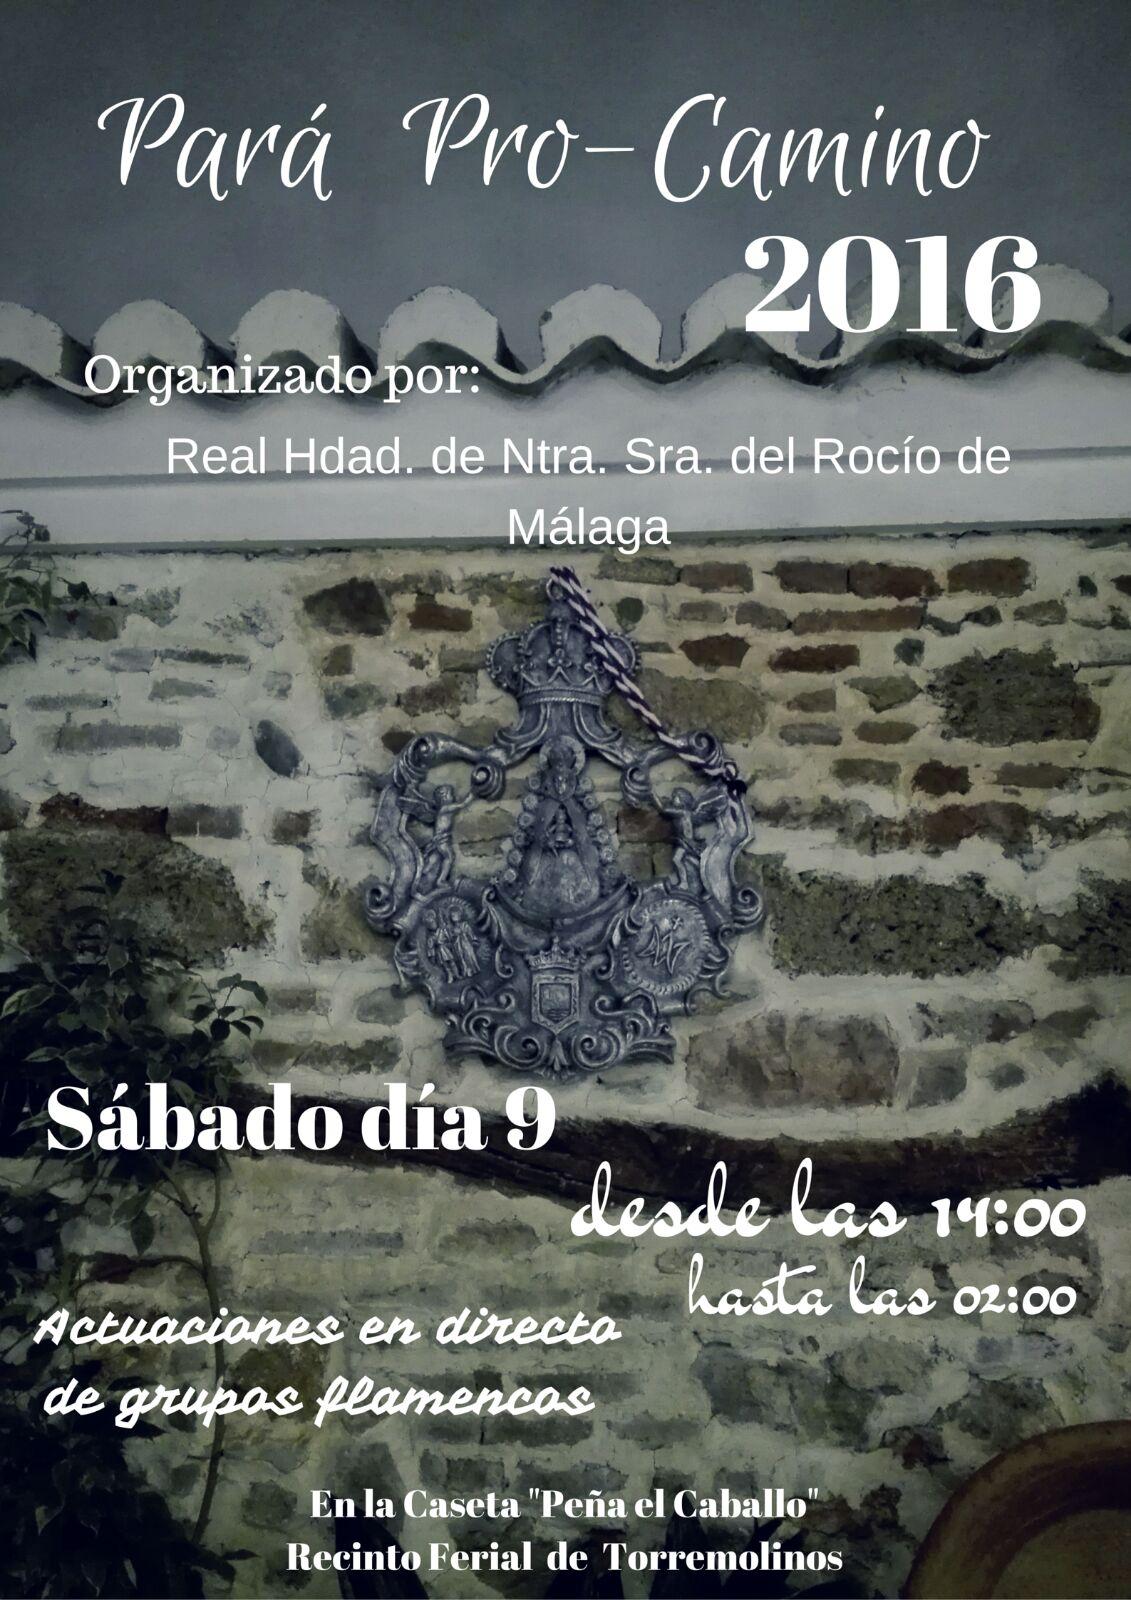 PARÁ PRO-ROCIERA 2016